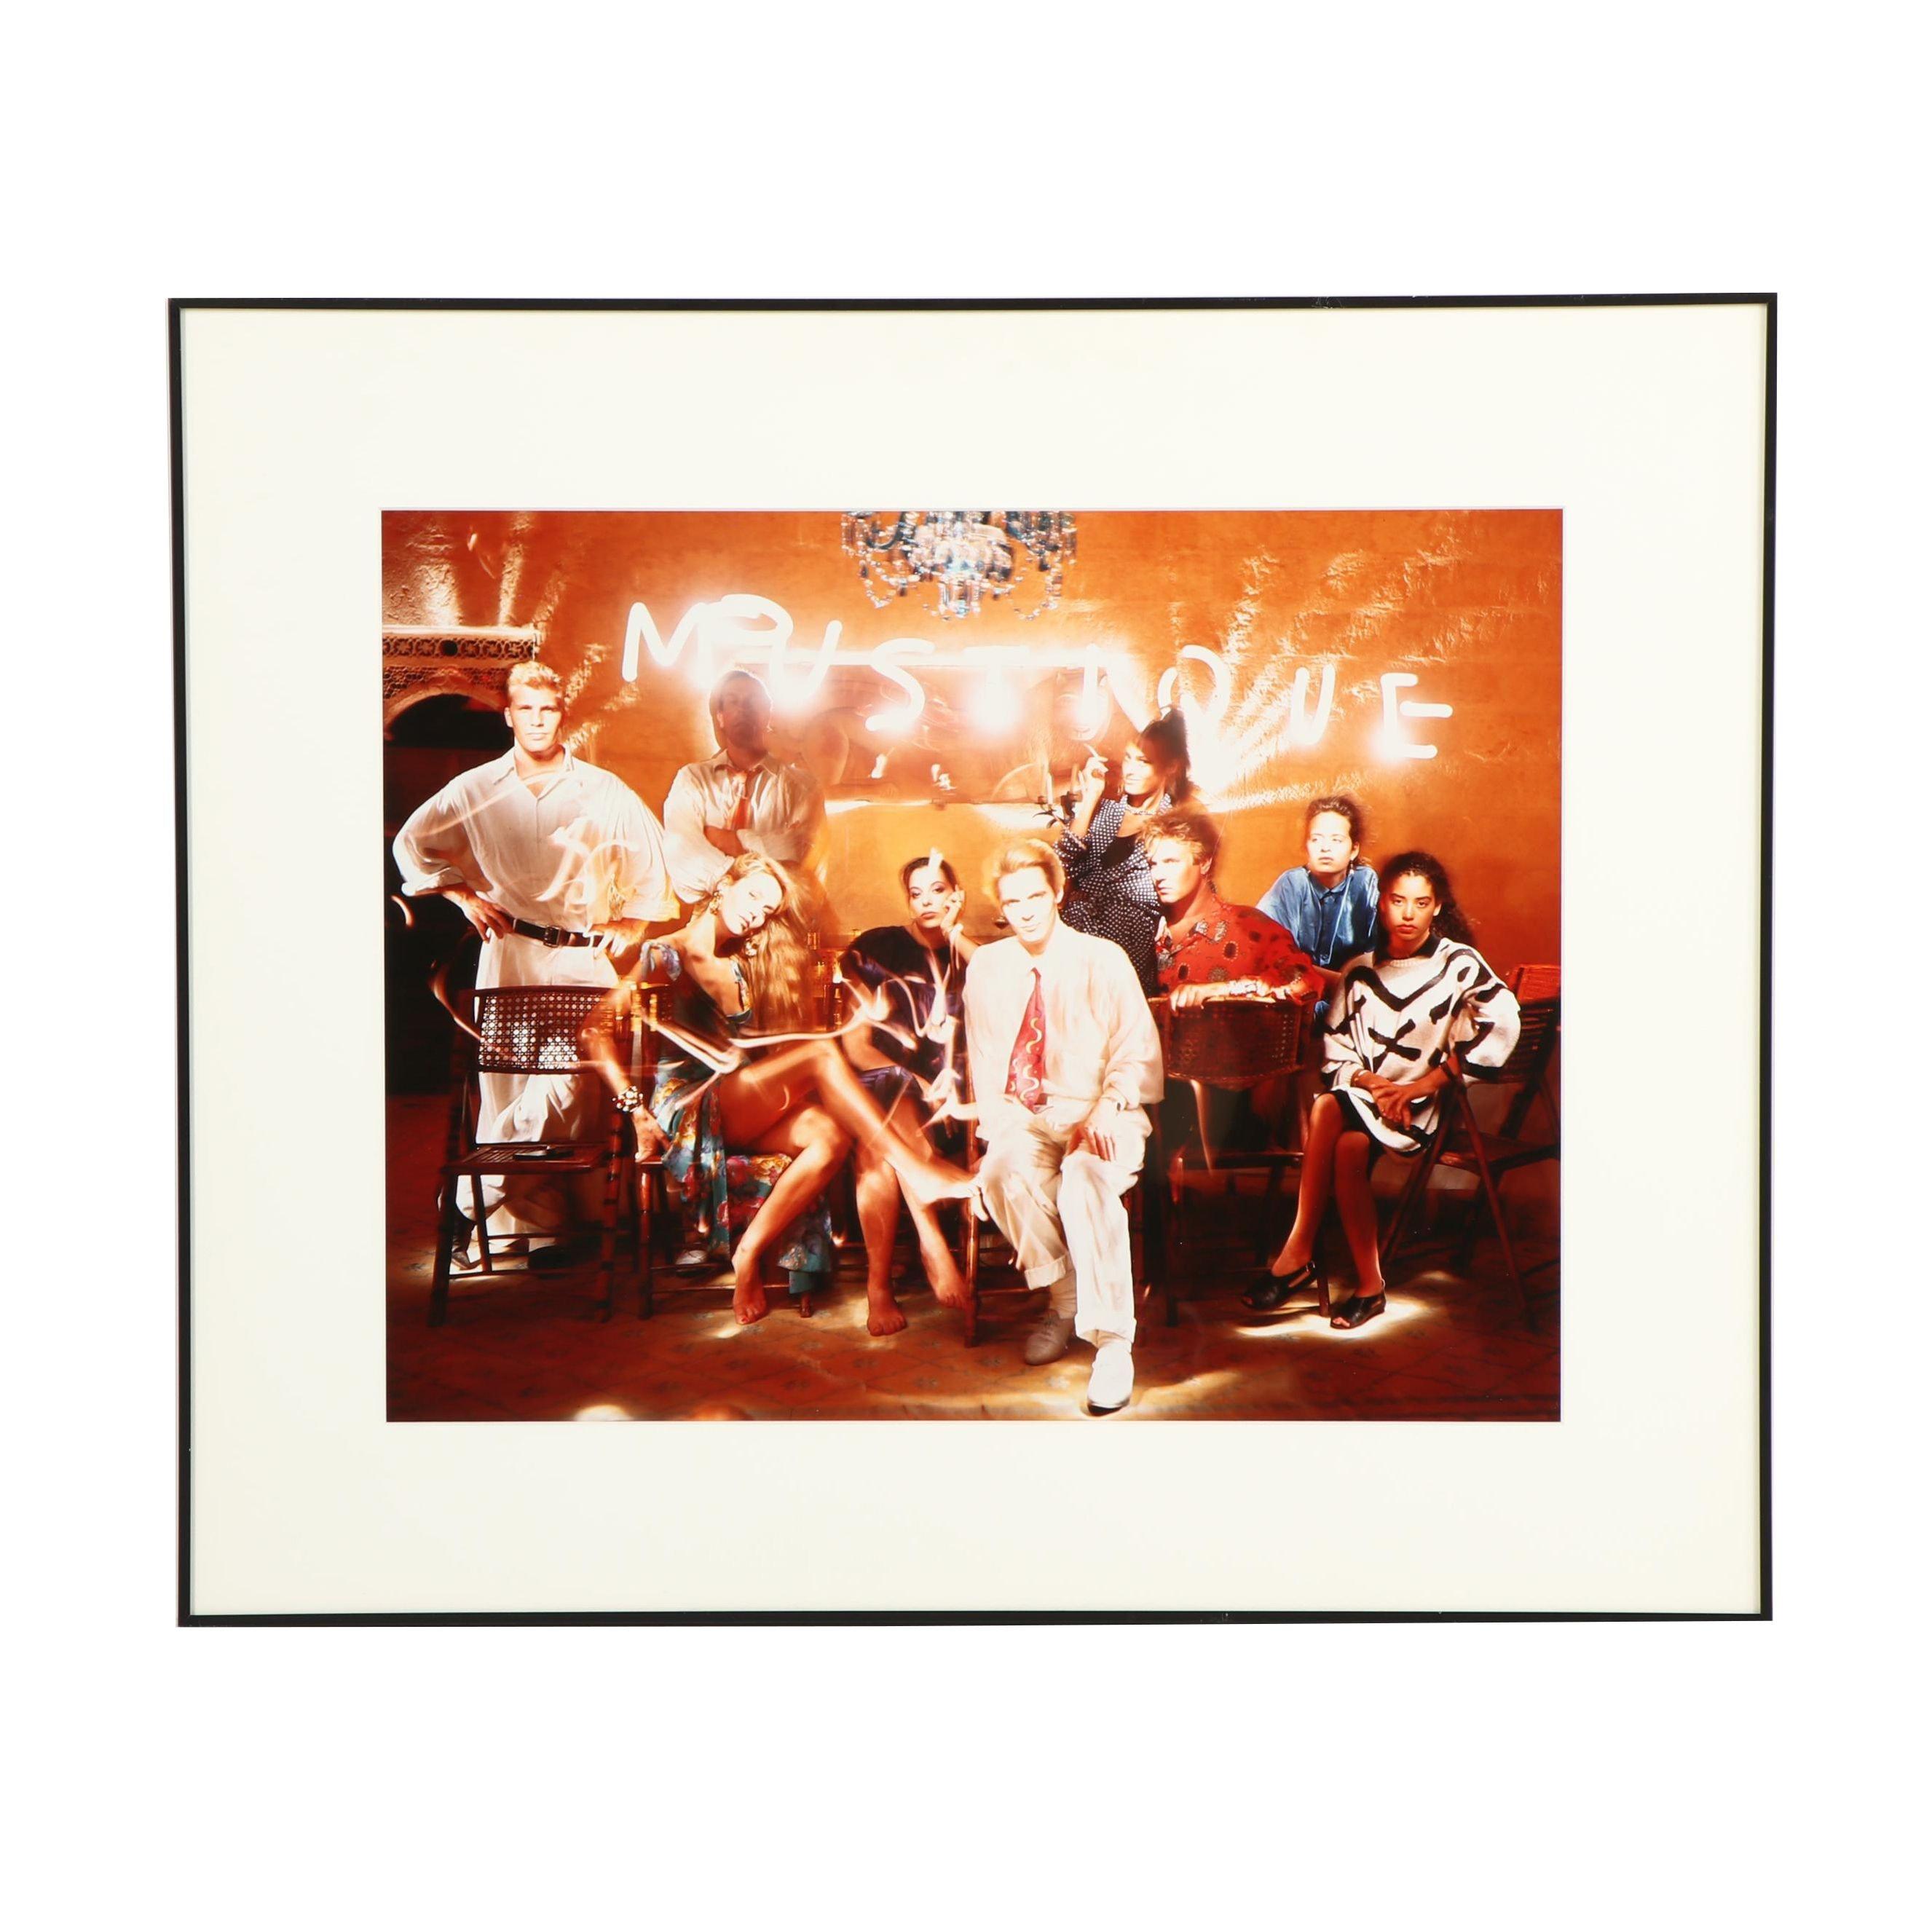 """Dean Chamberlain Photograph """"Mustique 1986"""""""